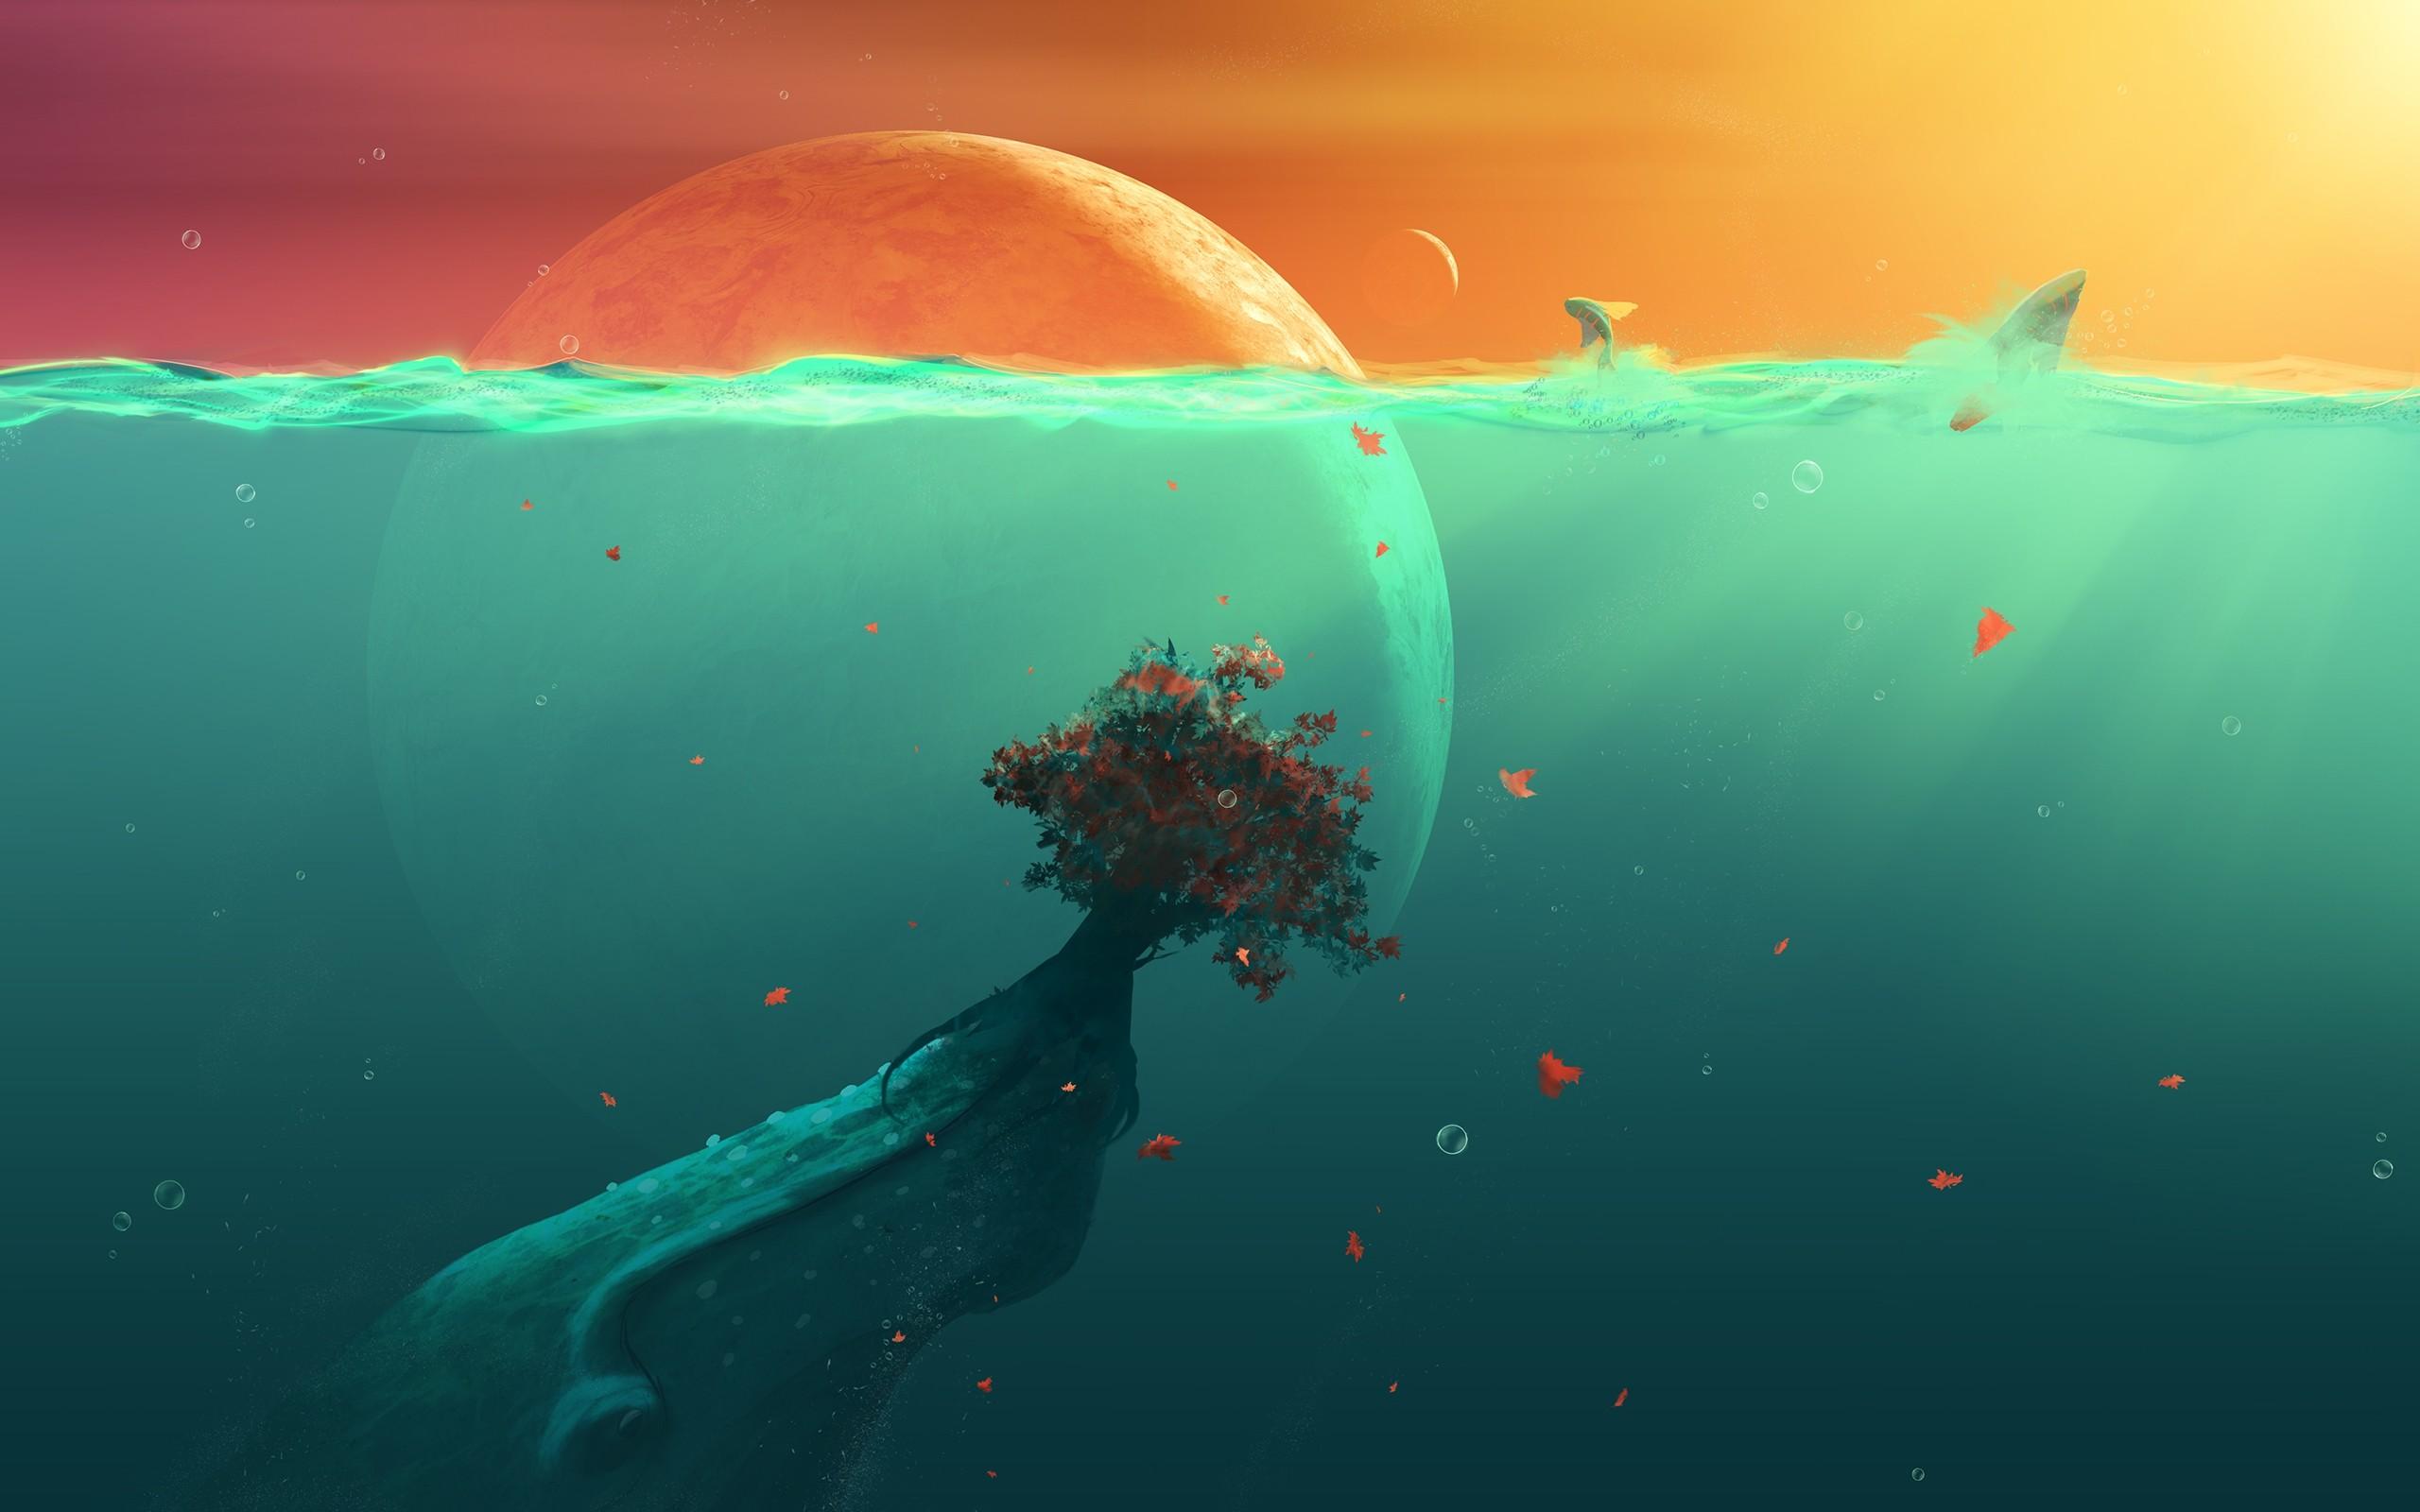 Deep Ocean Desktop Wallpaper.